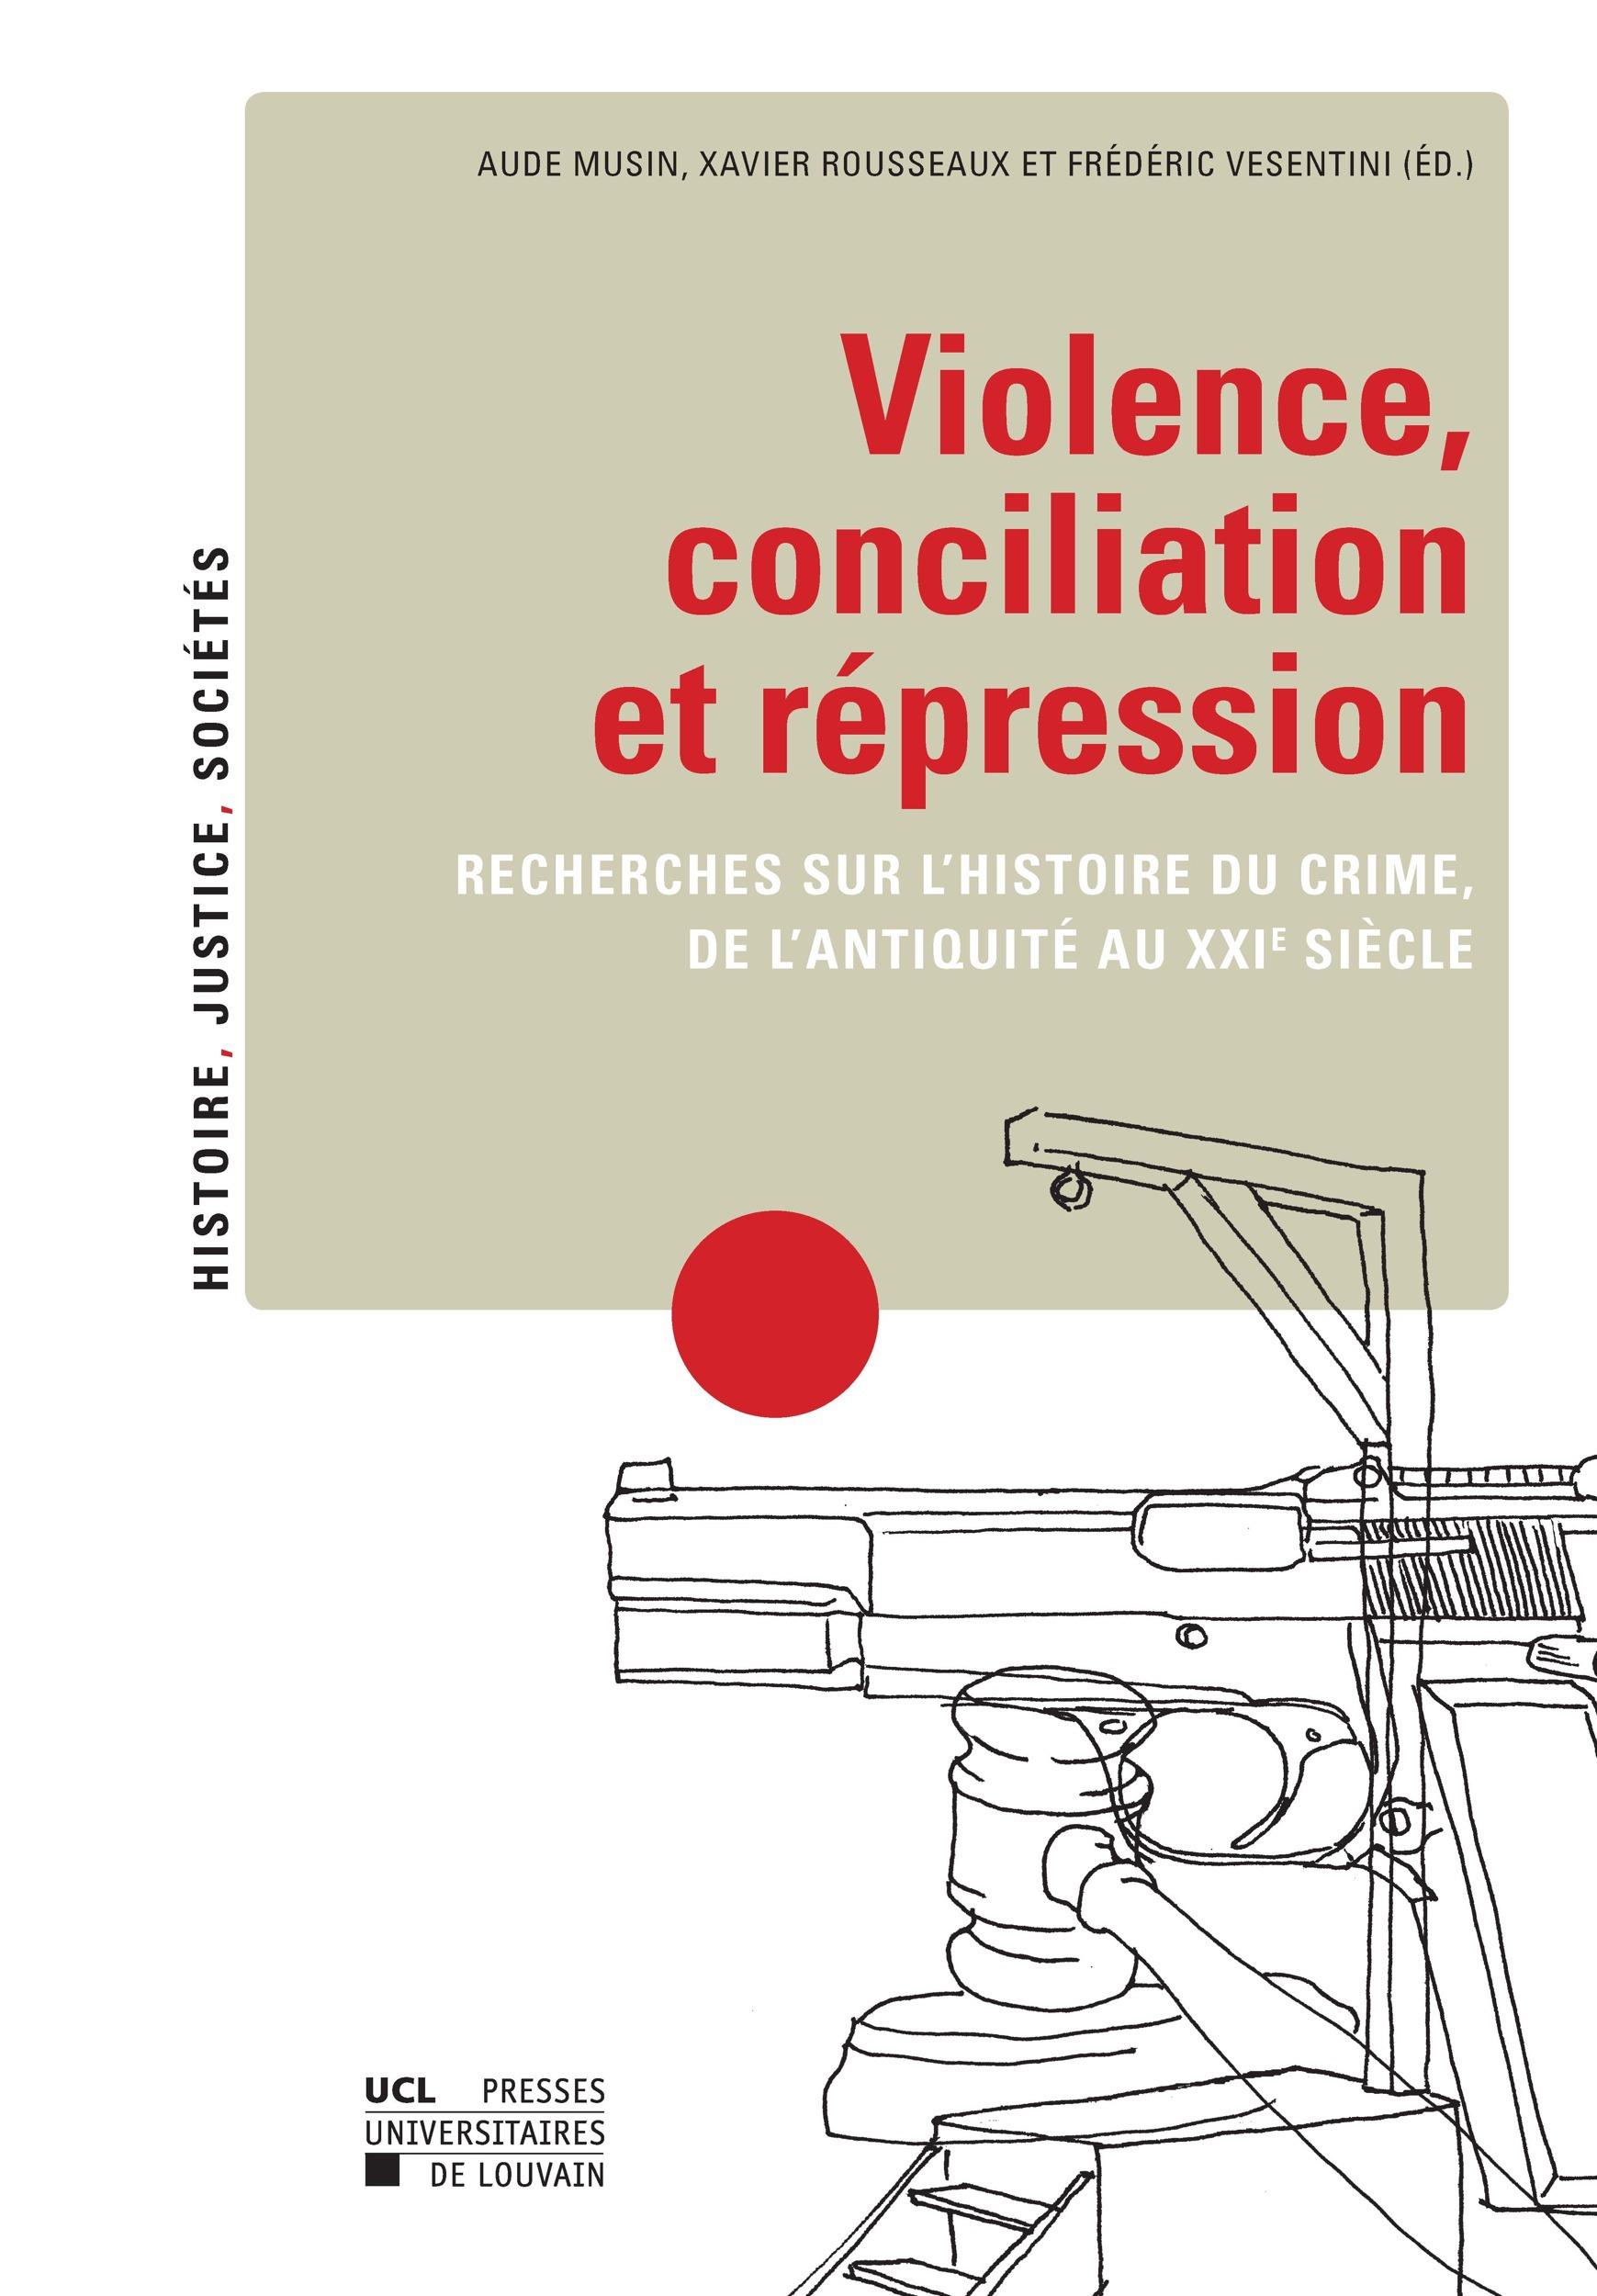 Violence, conciliation et répression ; recherches sur l'histoire du crime, de l'Antiquité au XXIe siècle